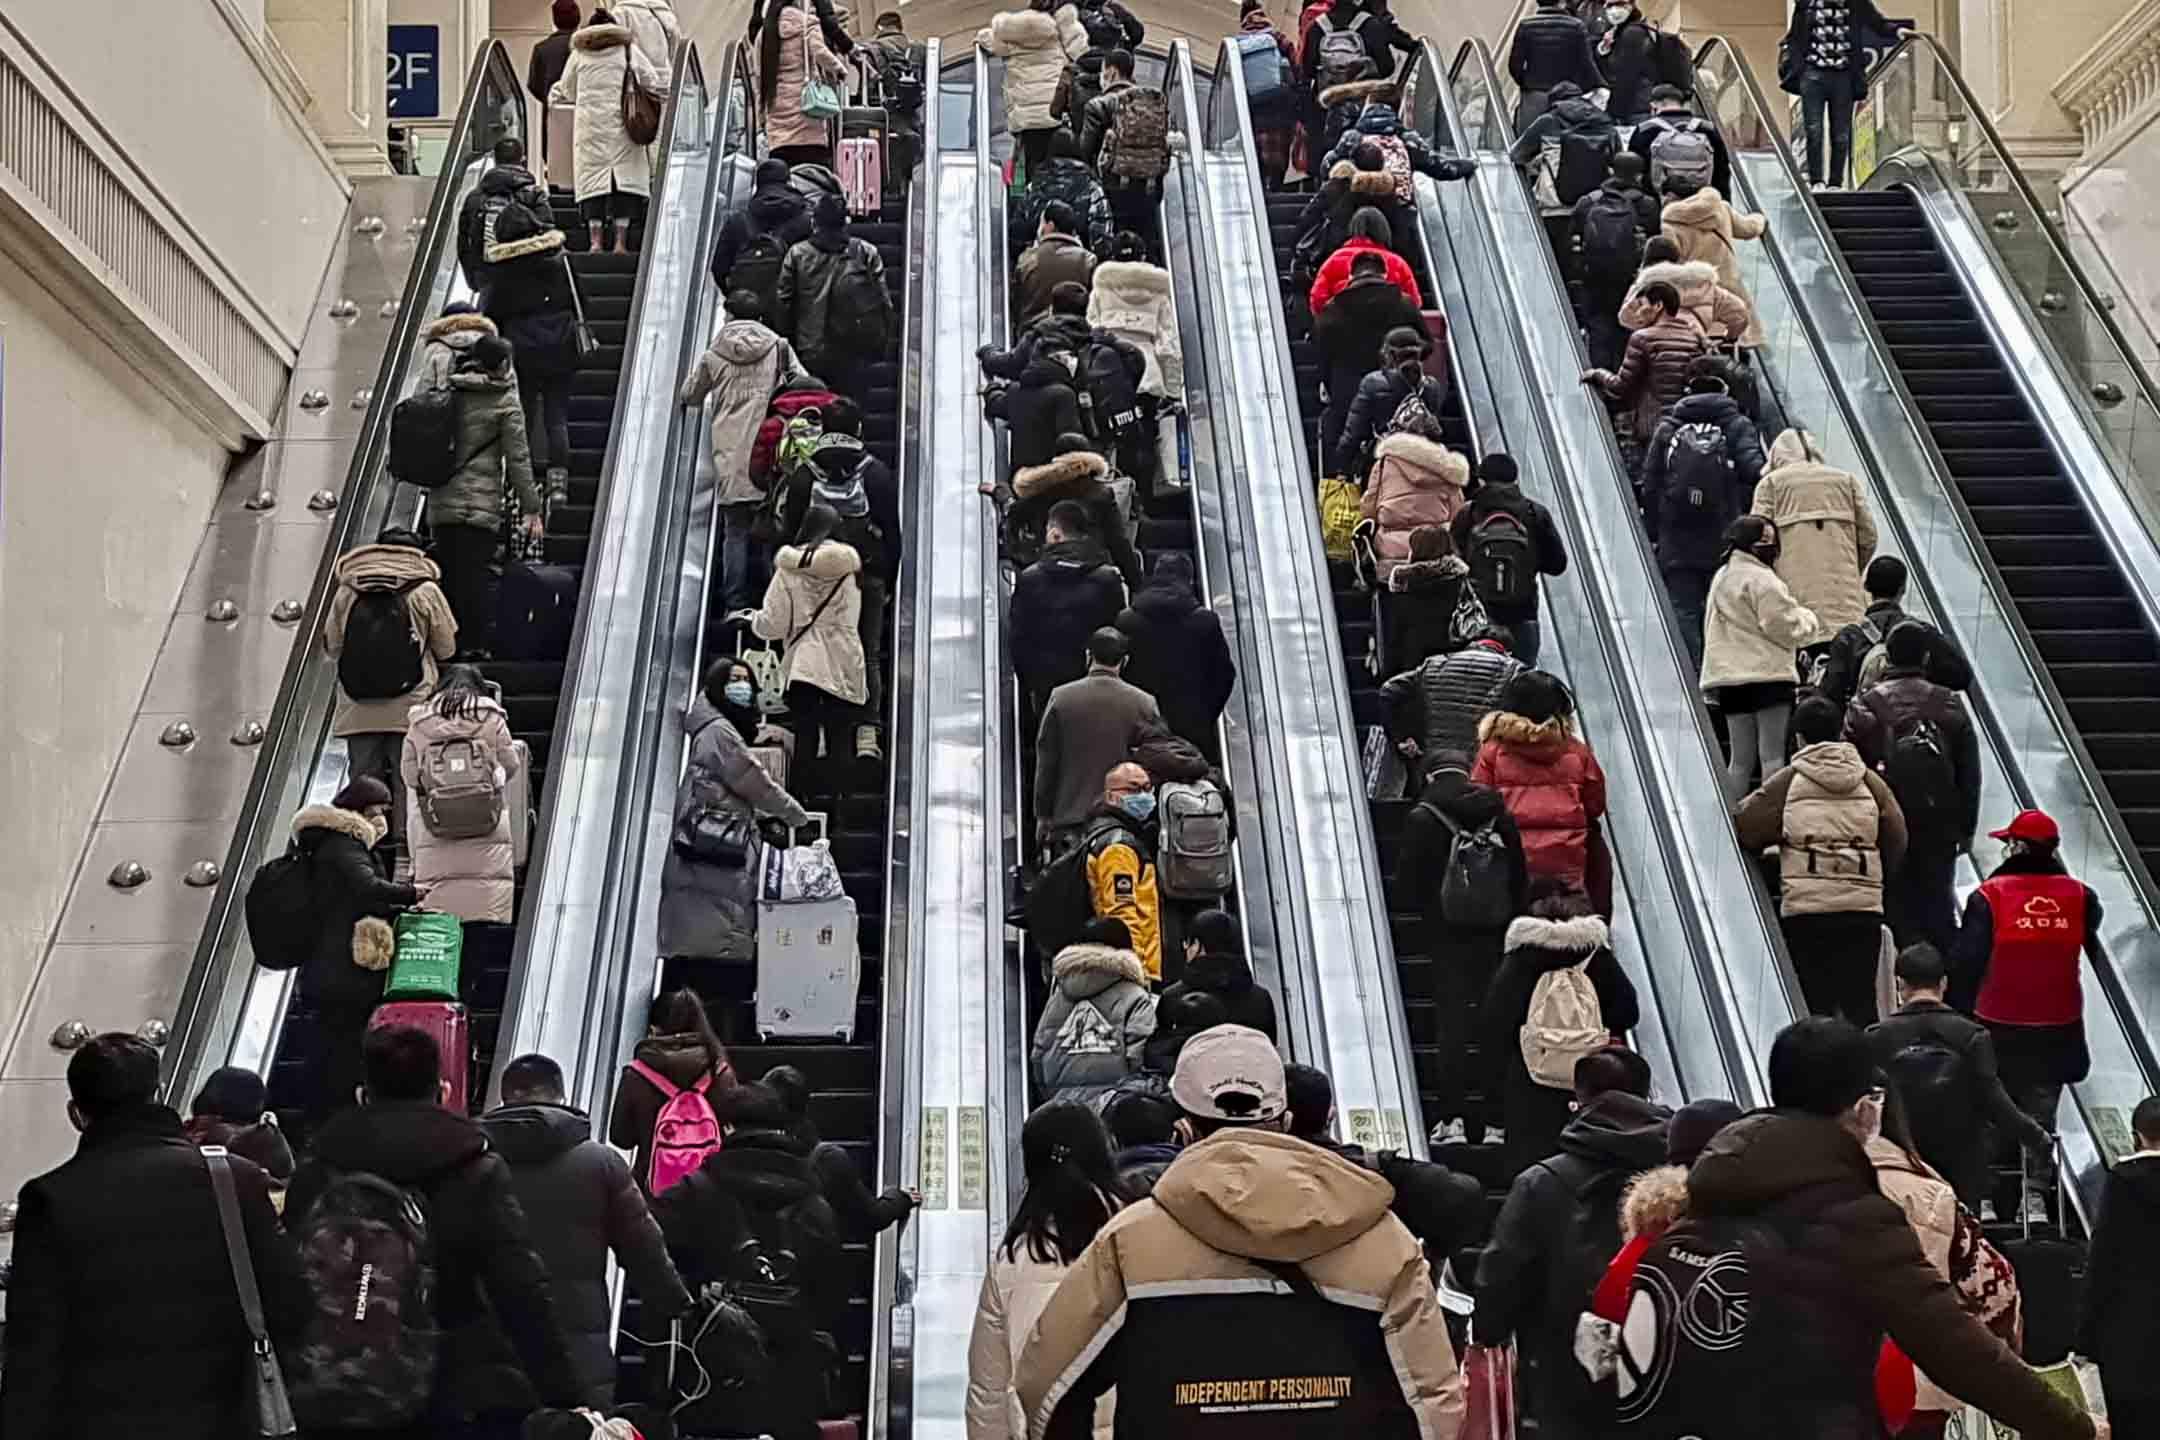 2020年1月22日,中國武漢的漢口火車站內,自動扶手電梯上,不少旅客都戴上口罩。